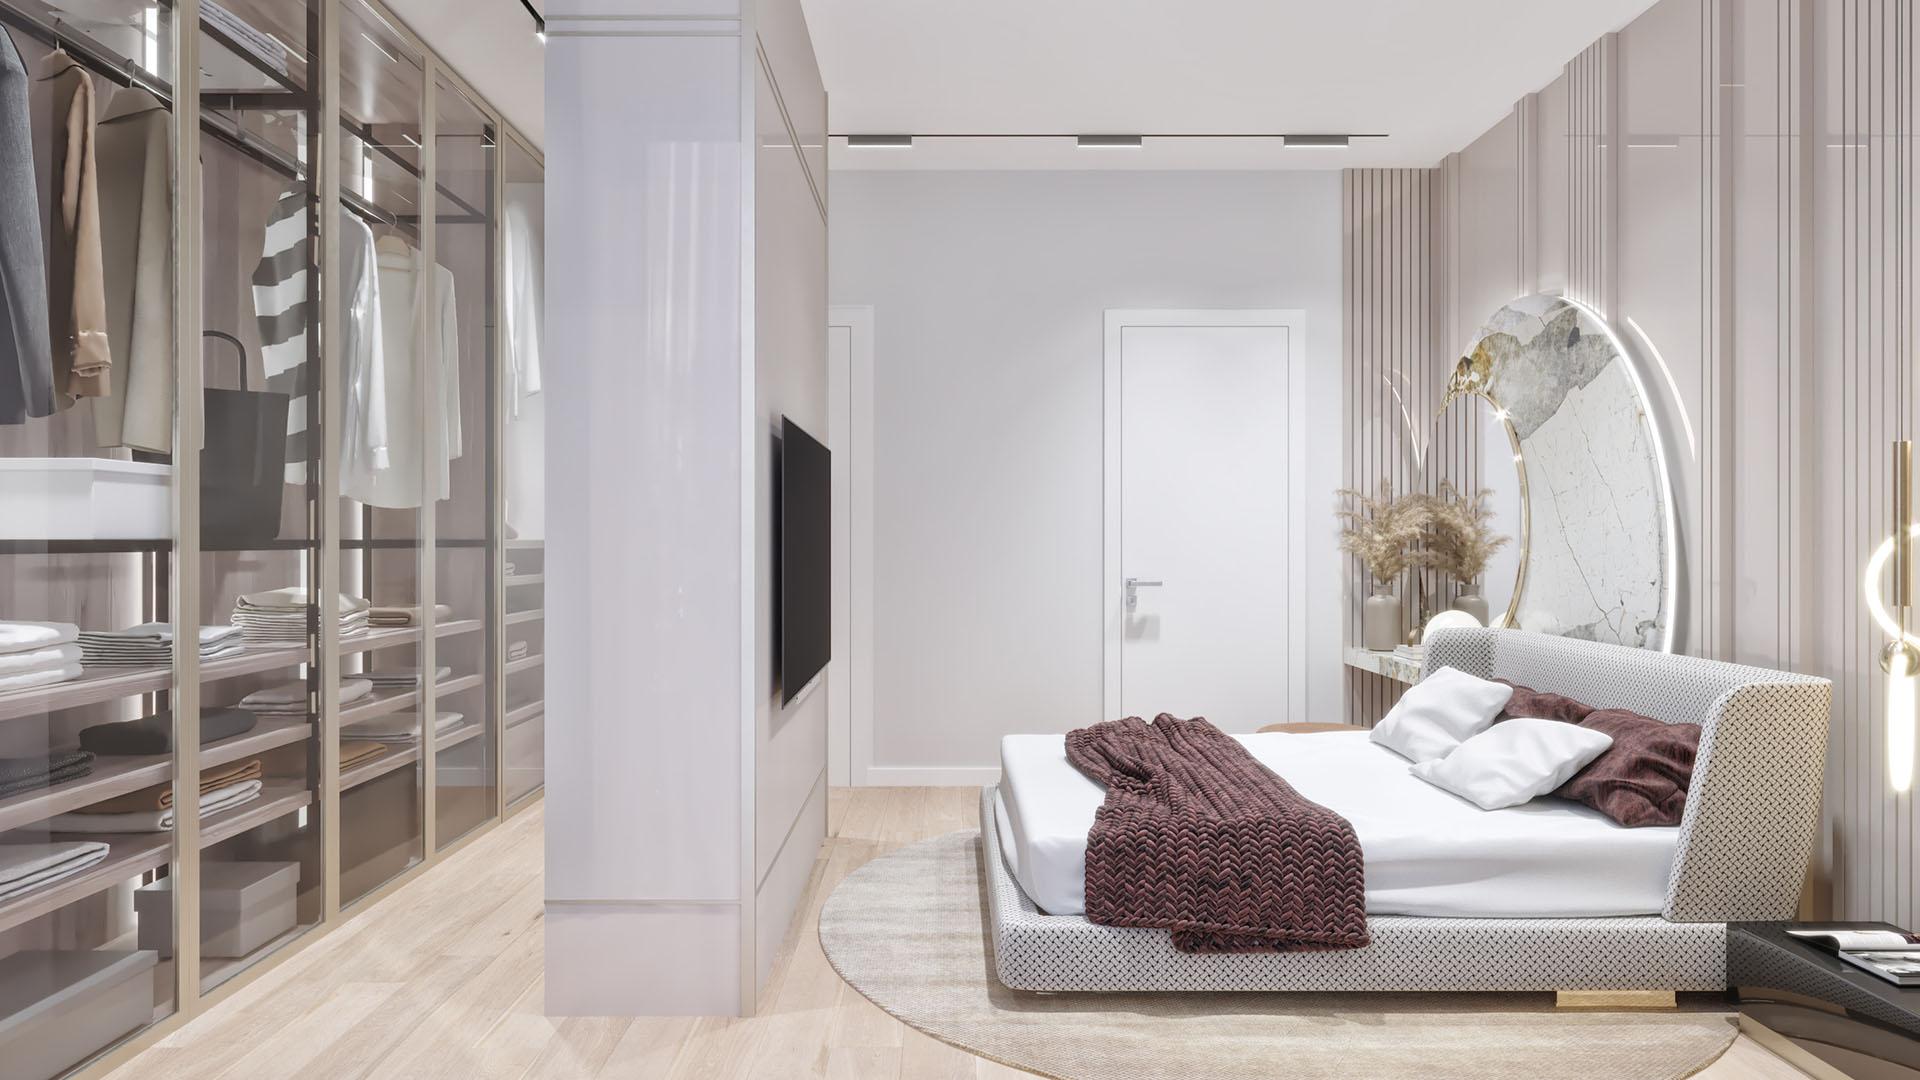 Prodaja stanova Green Hill Dedinje - master spavaća soba stana D41.